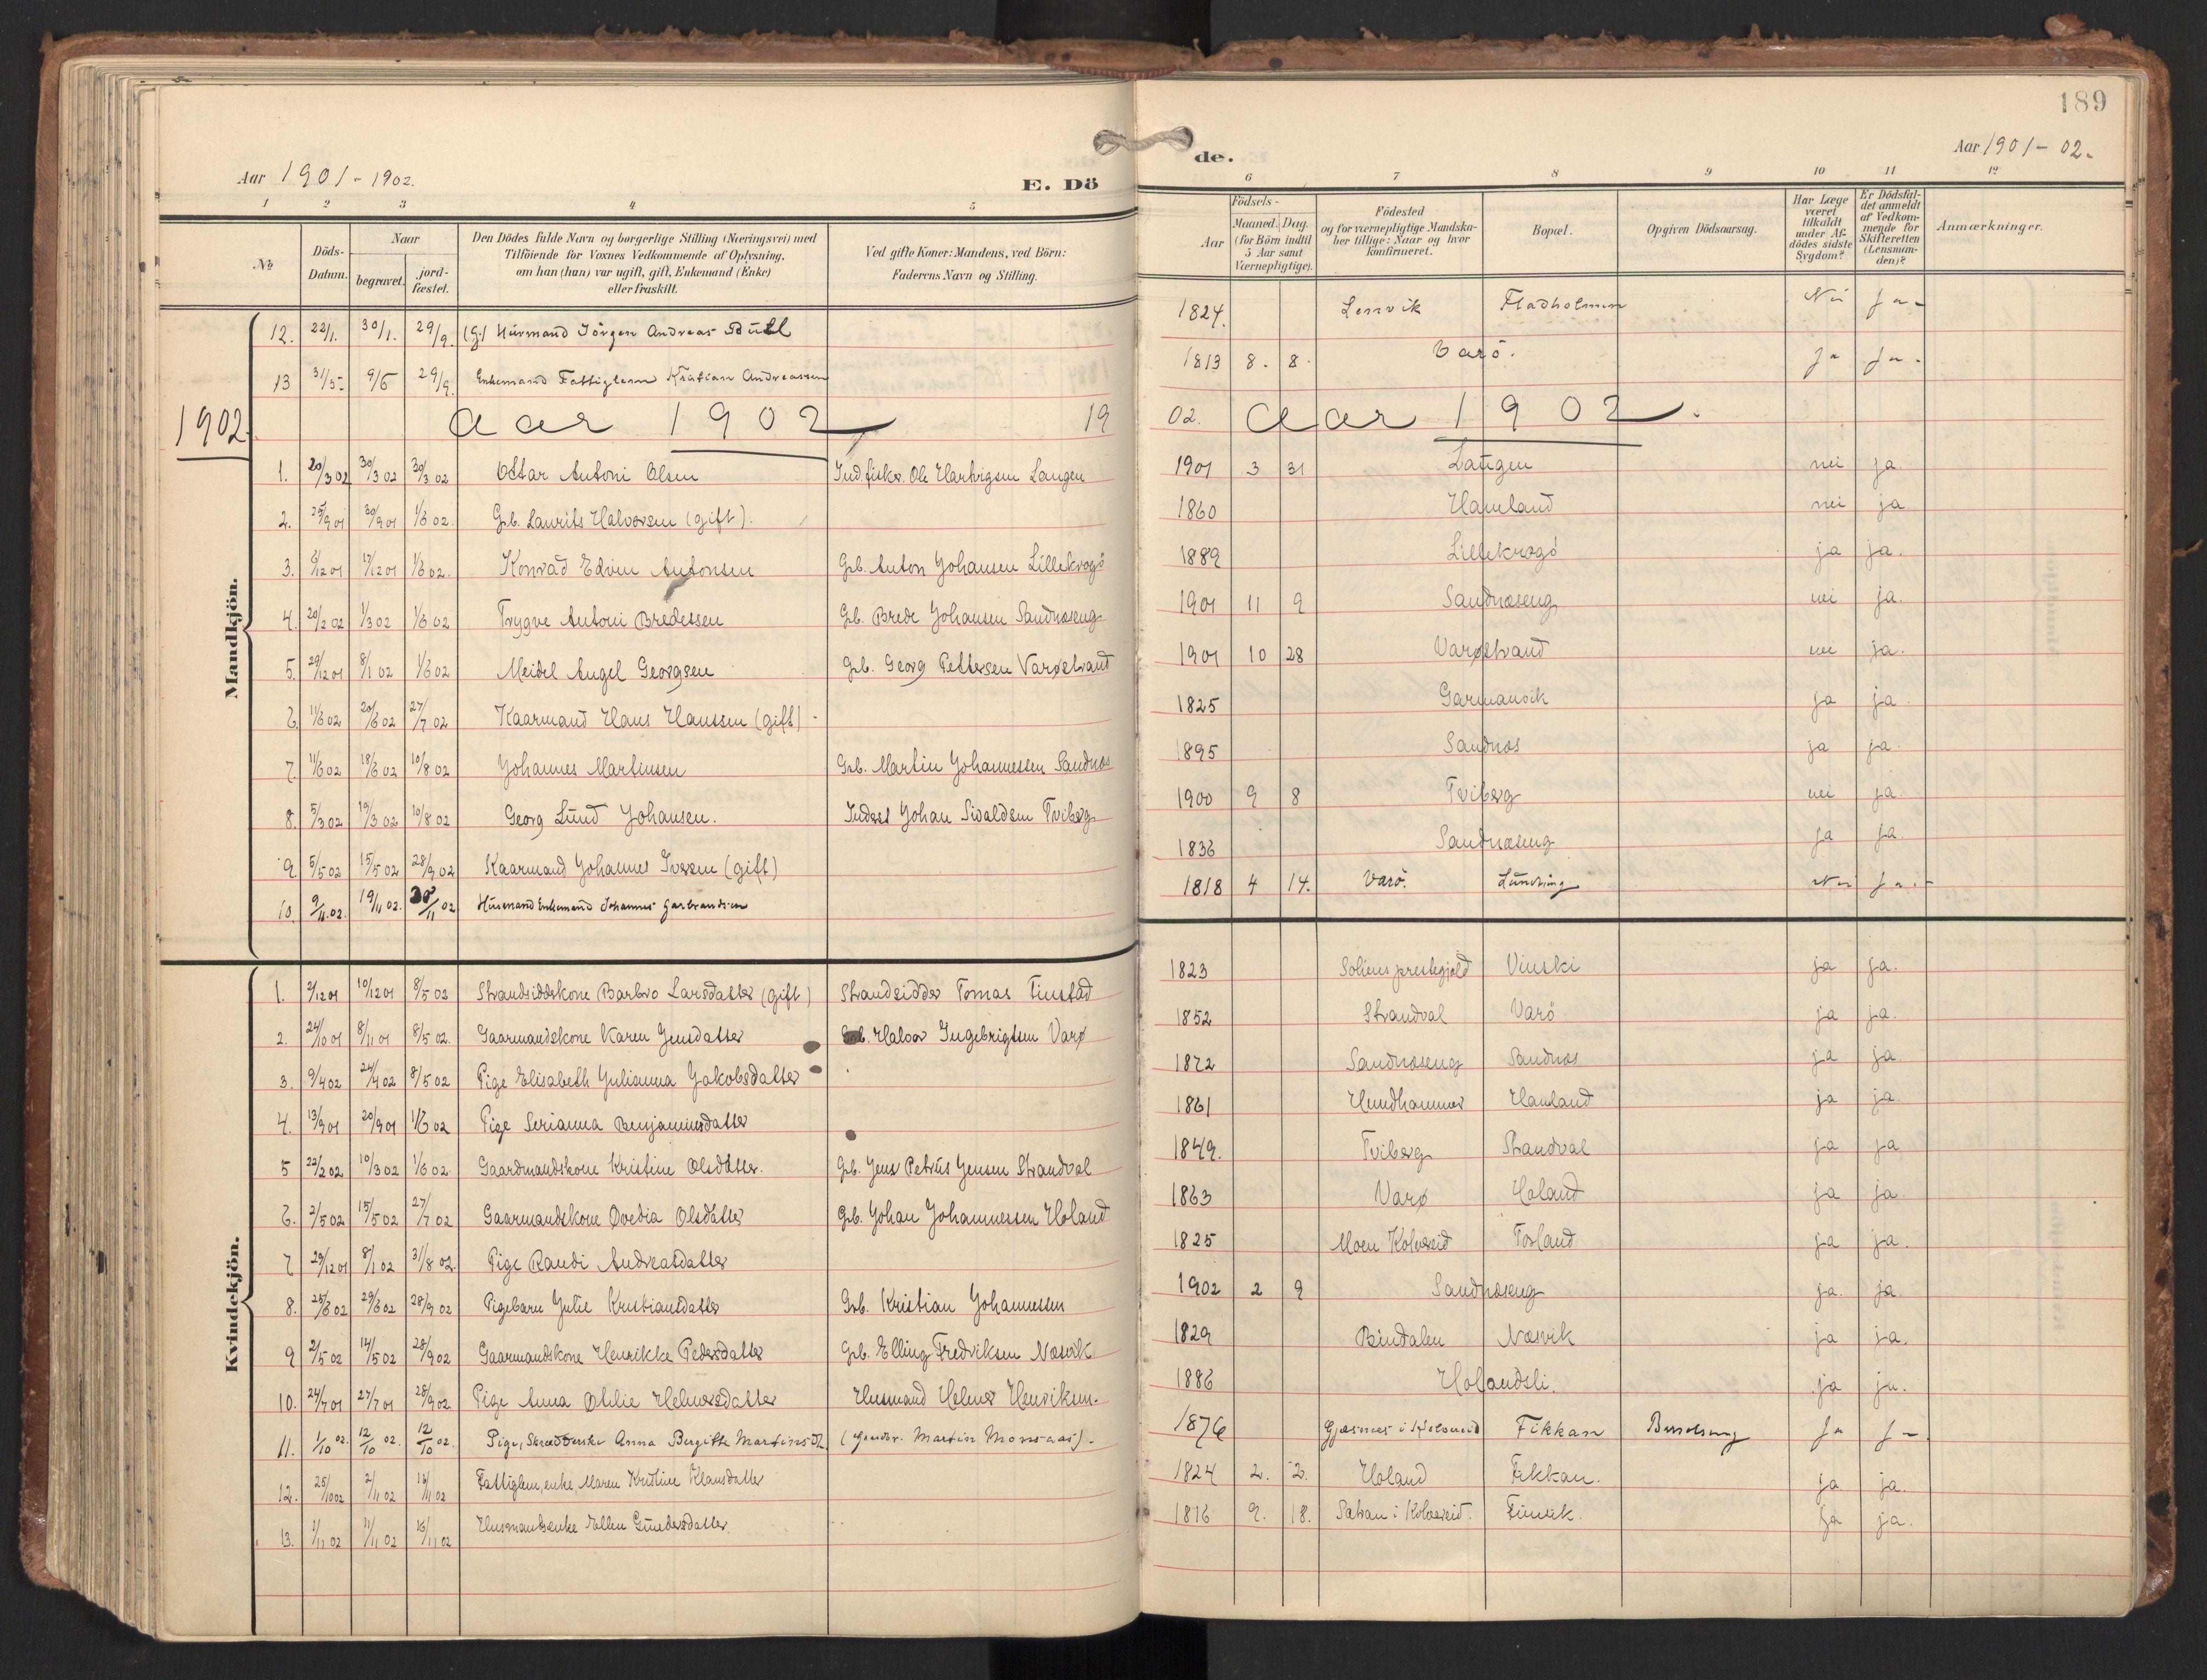 SAT, Ministerialprotokoller, klokkerbøker og fødselsregistre - Nord-Trøndelag, 784/L0677: Ministerialbok nr. 784A12, 1900-1920, s. 189